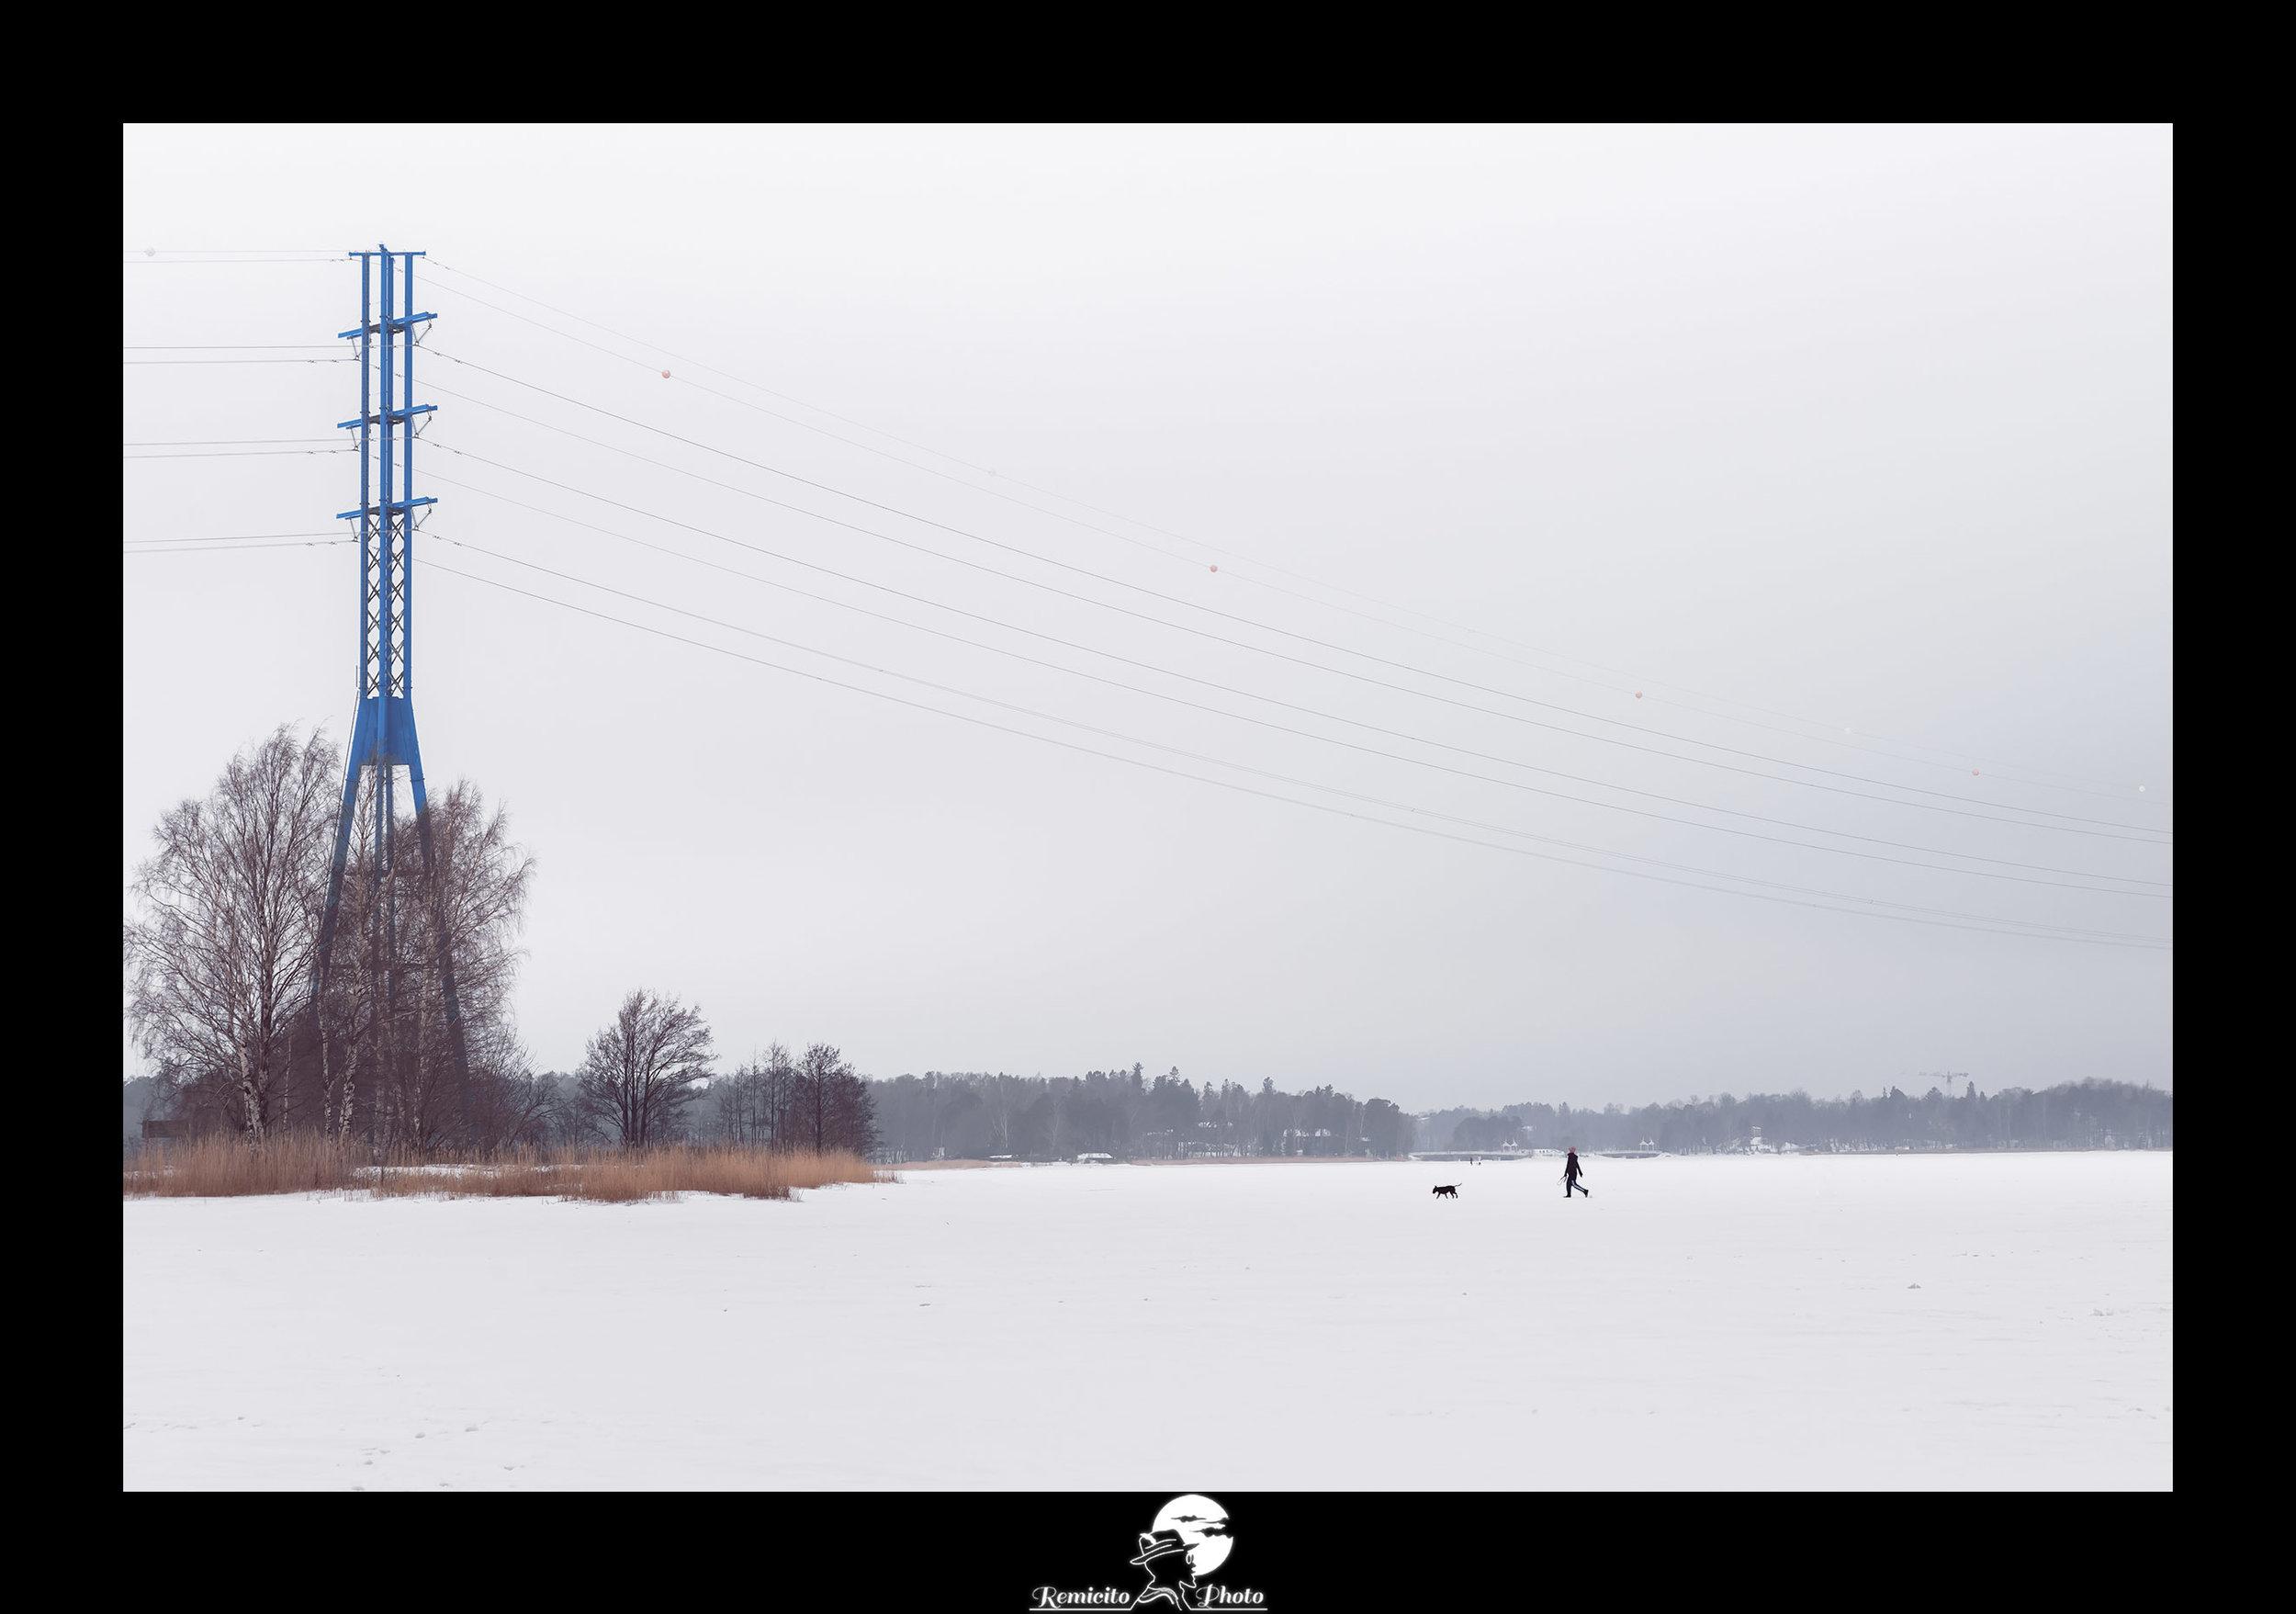 Remicito photo, remicito rémi lacombe photographe paris, belle photo idée cadeau lac gelé, finlande helsinki lac gelé